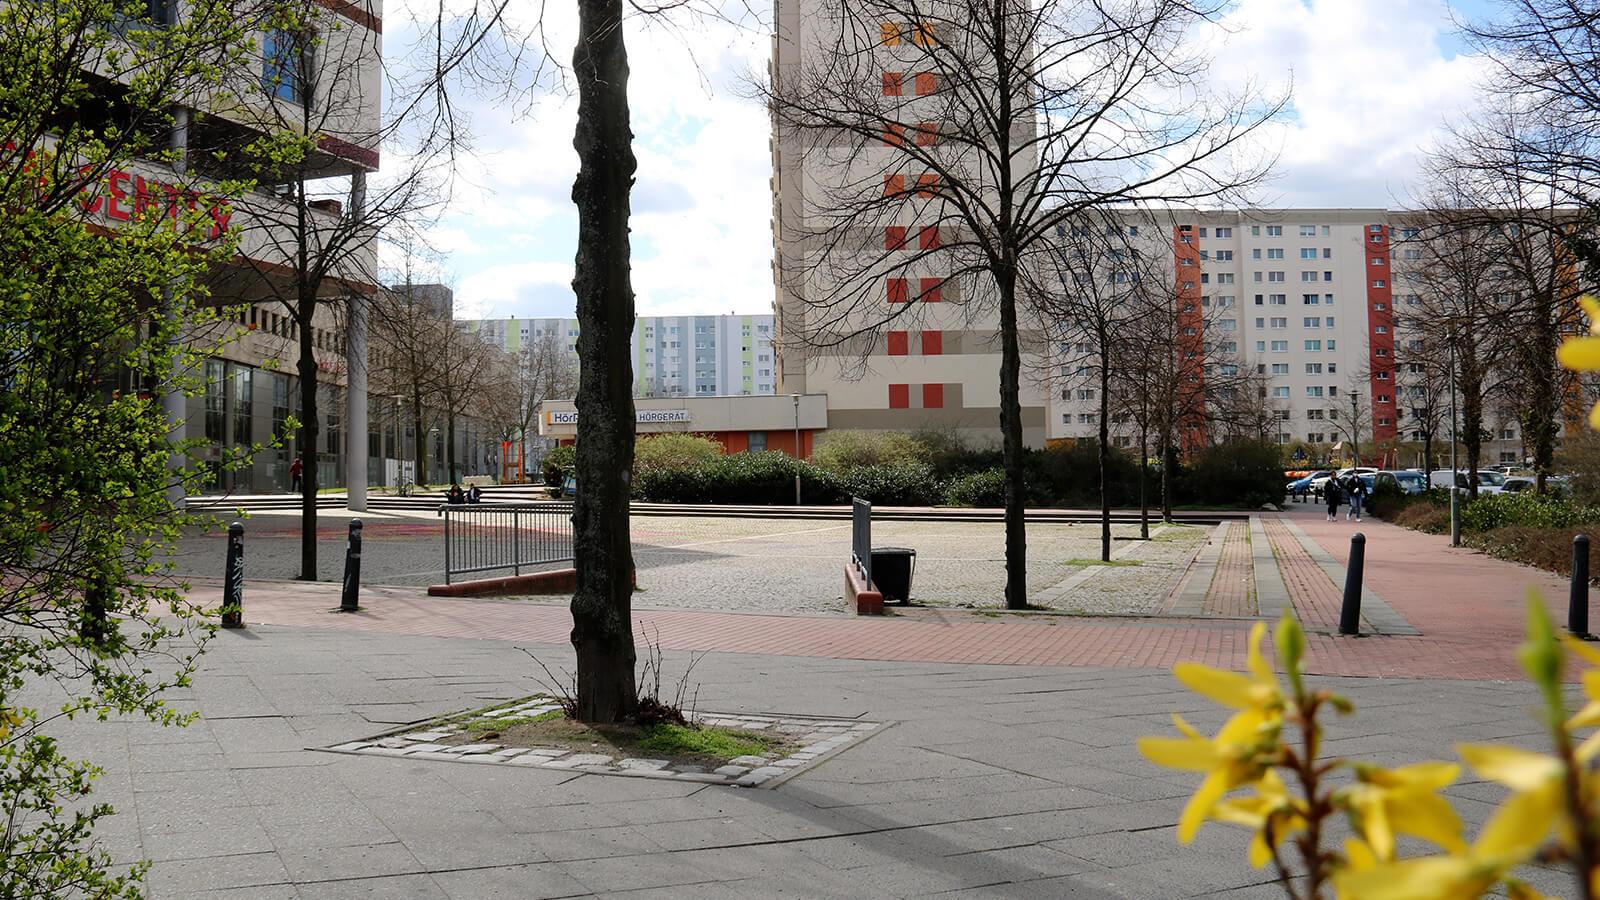 stadtplatz_slide5